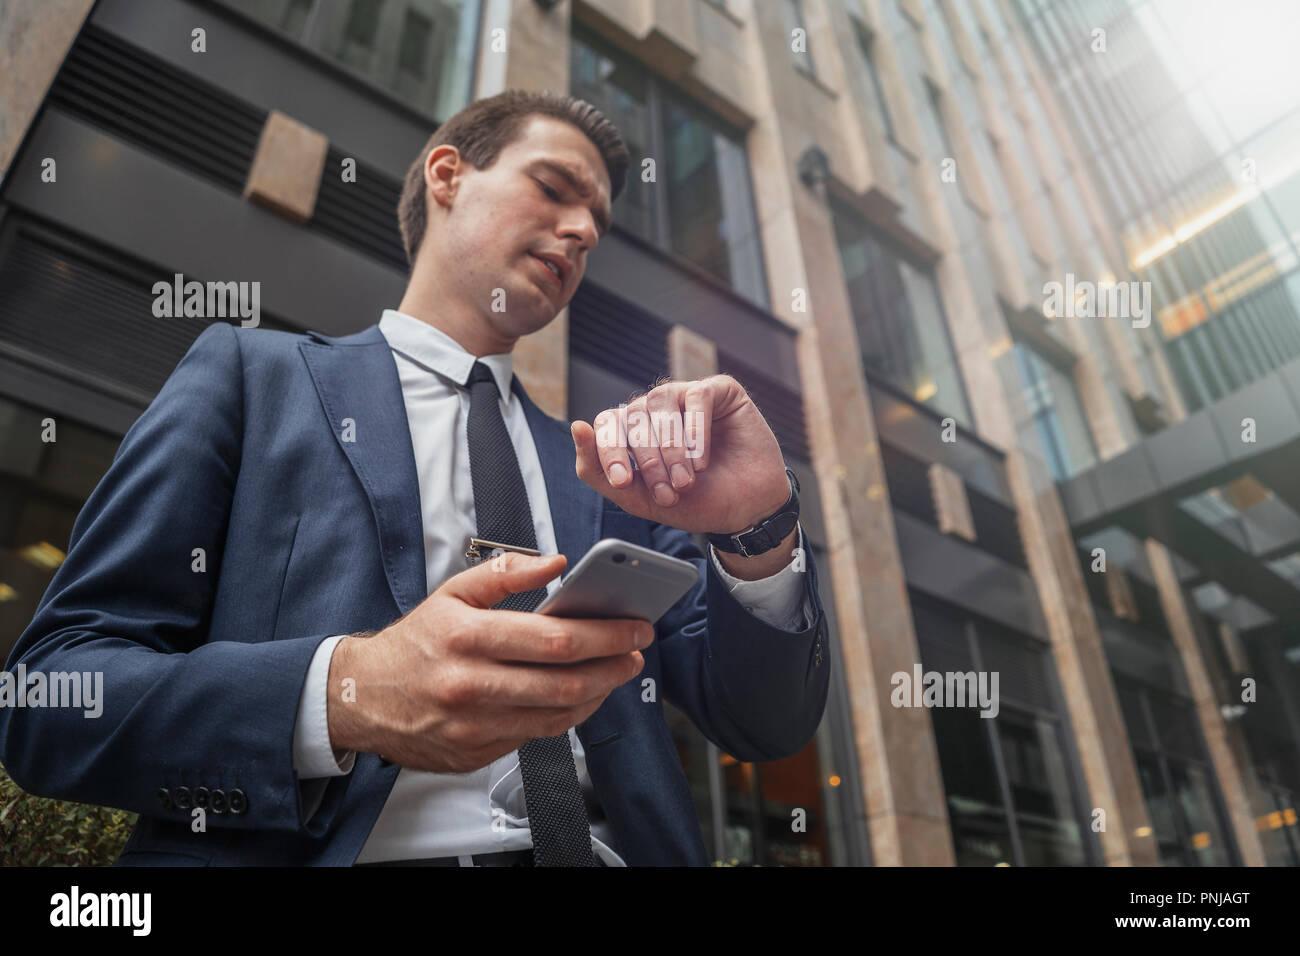 Close up of businessman holding mobile phone dans la main et regarder les montres. Photo Stock